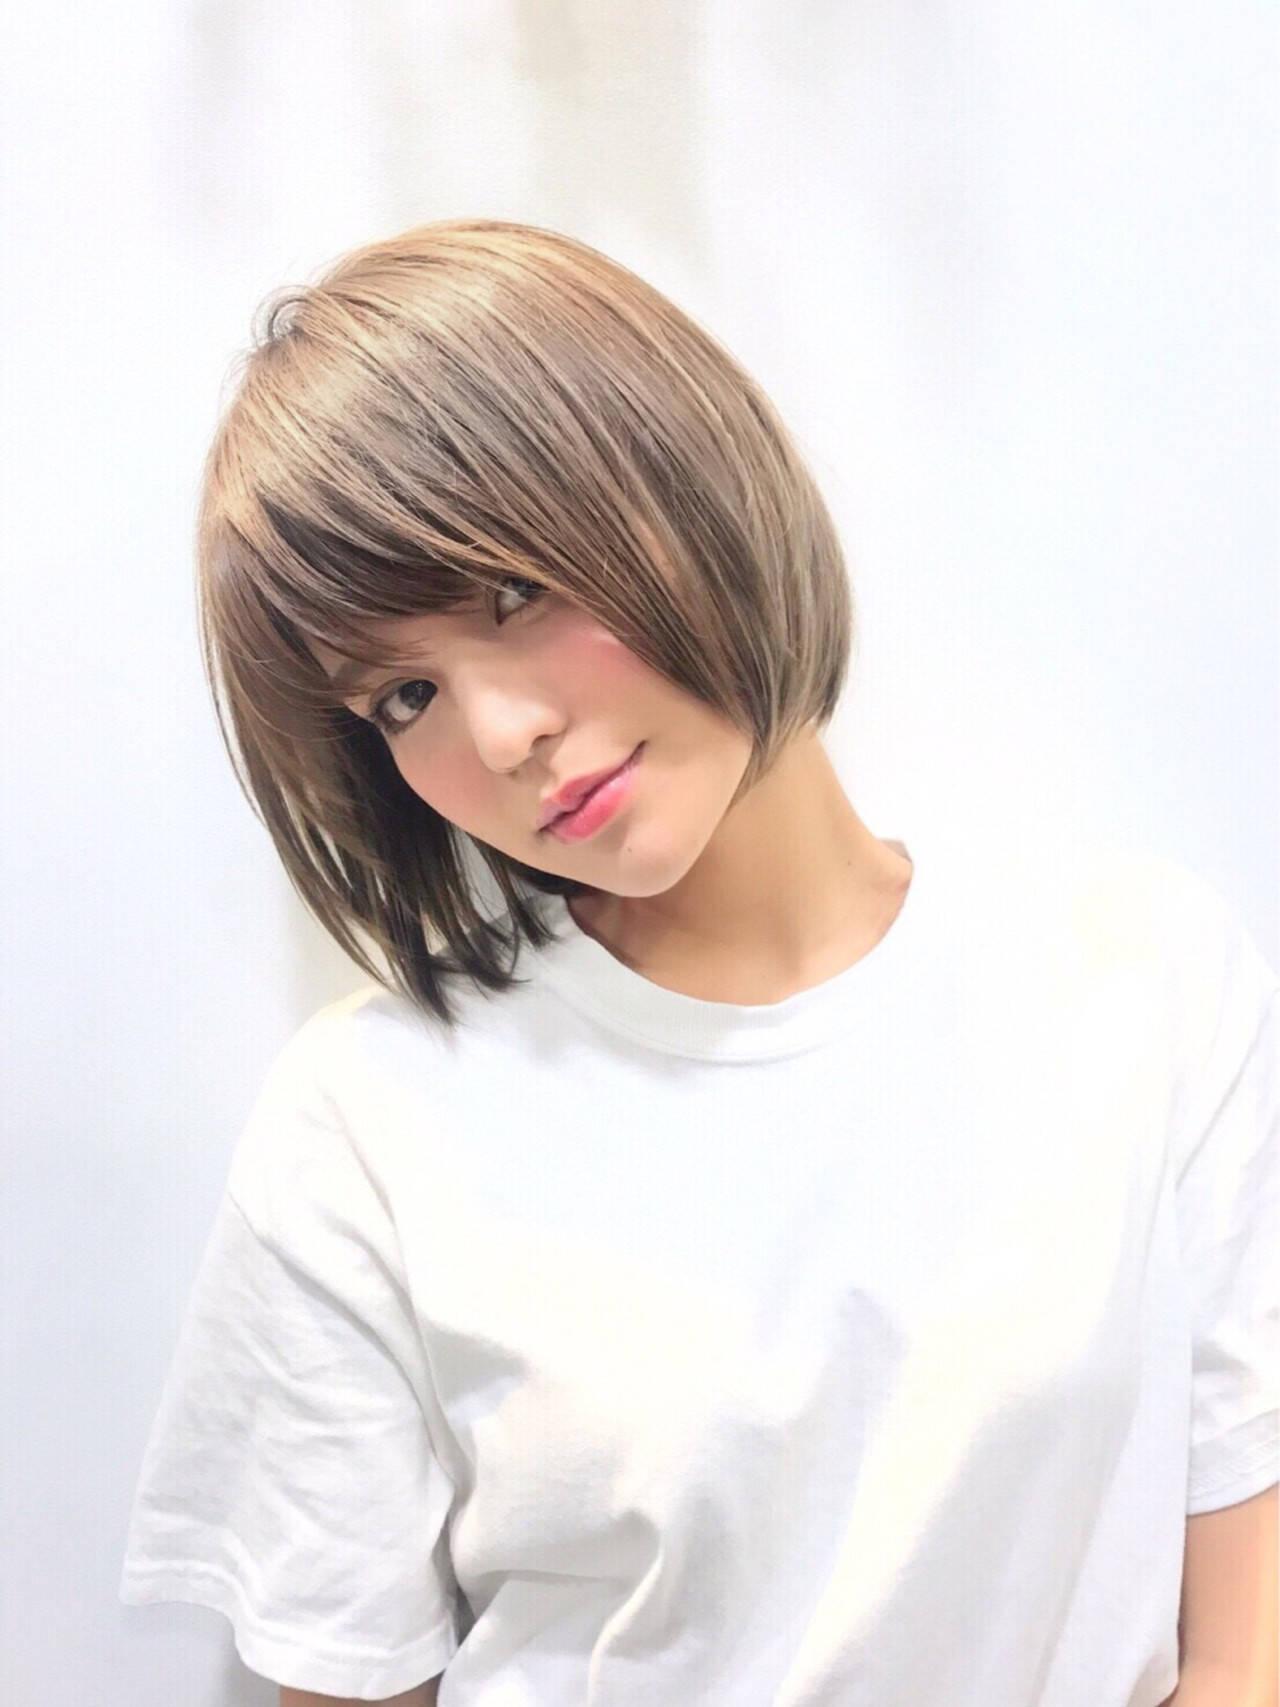 シースルーバング ナチュラル ハイトーン ショートヘアスタイルや髪型の写真・画像